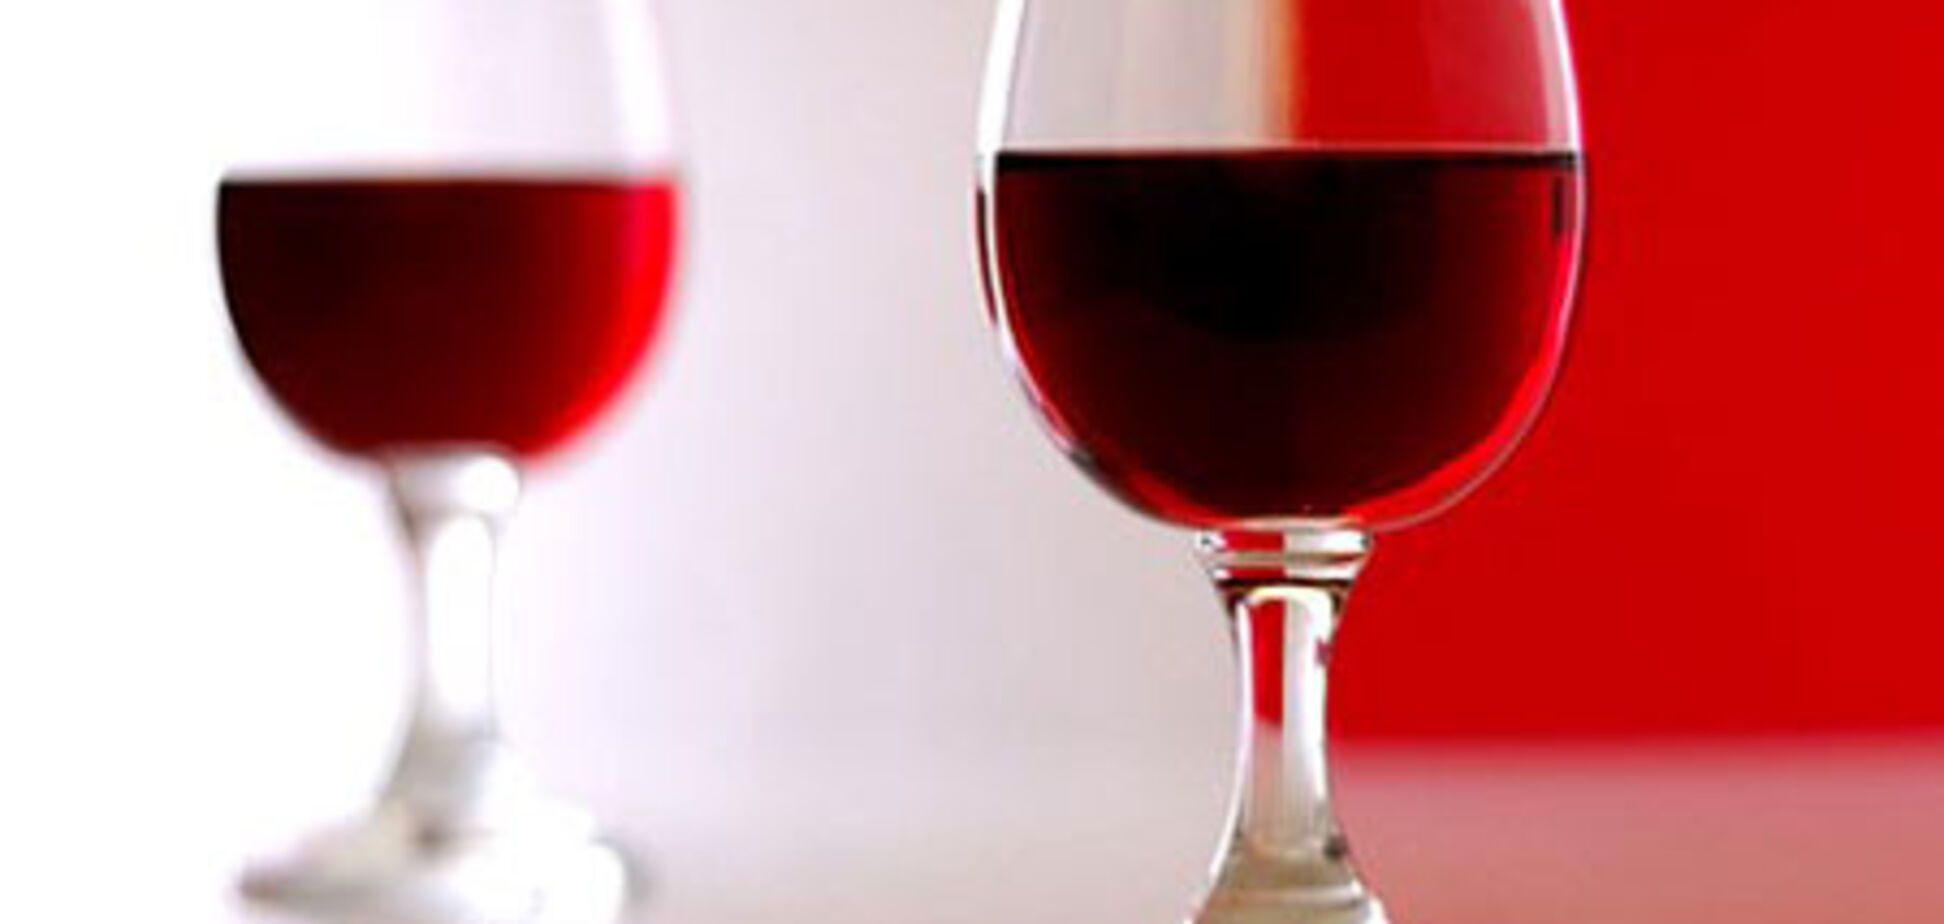 Ученые: 'Умеренный алкоголизм' спасает от инфарктов